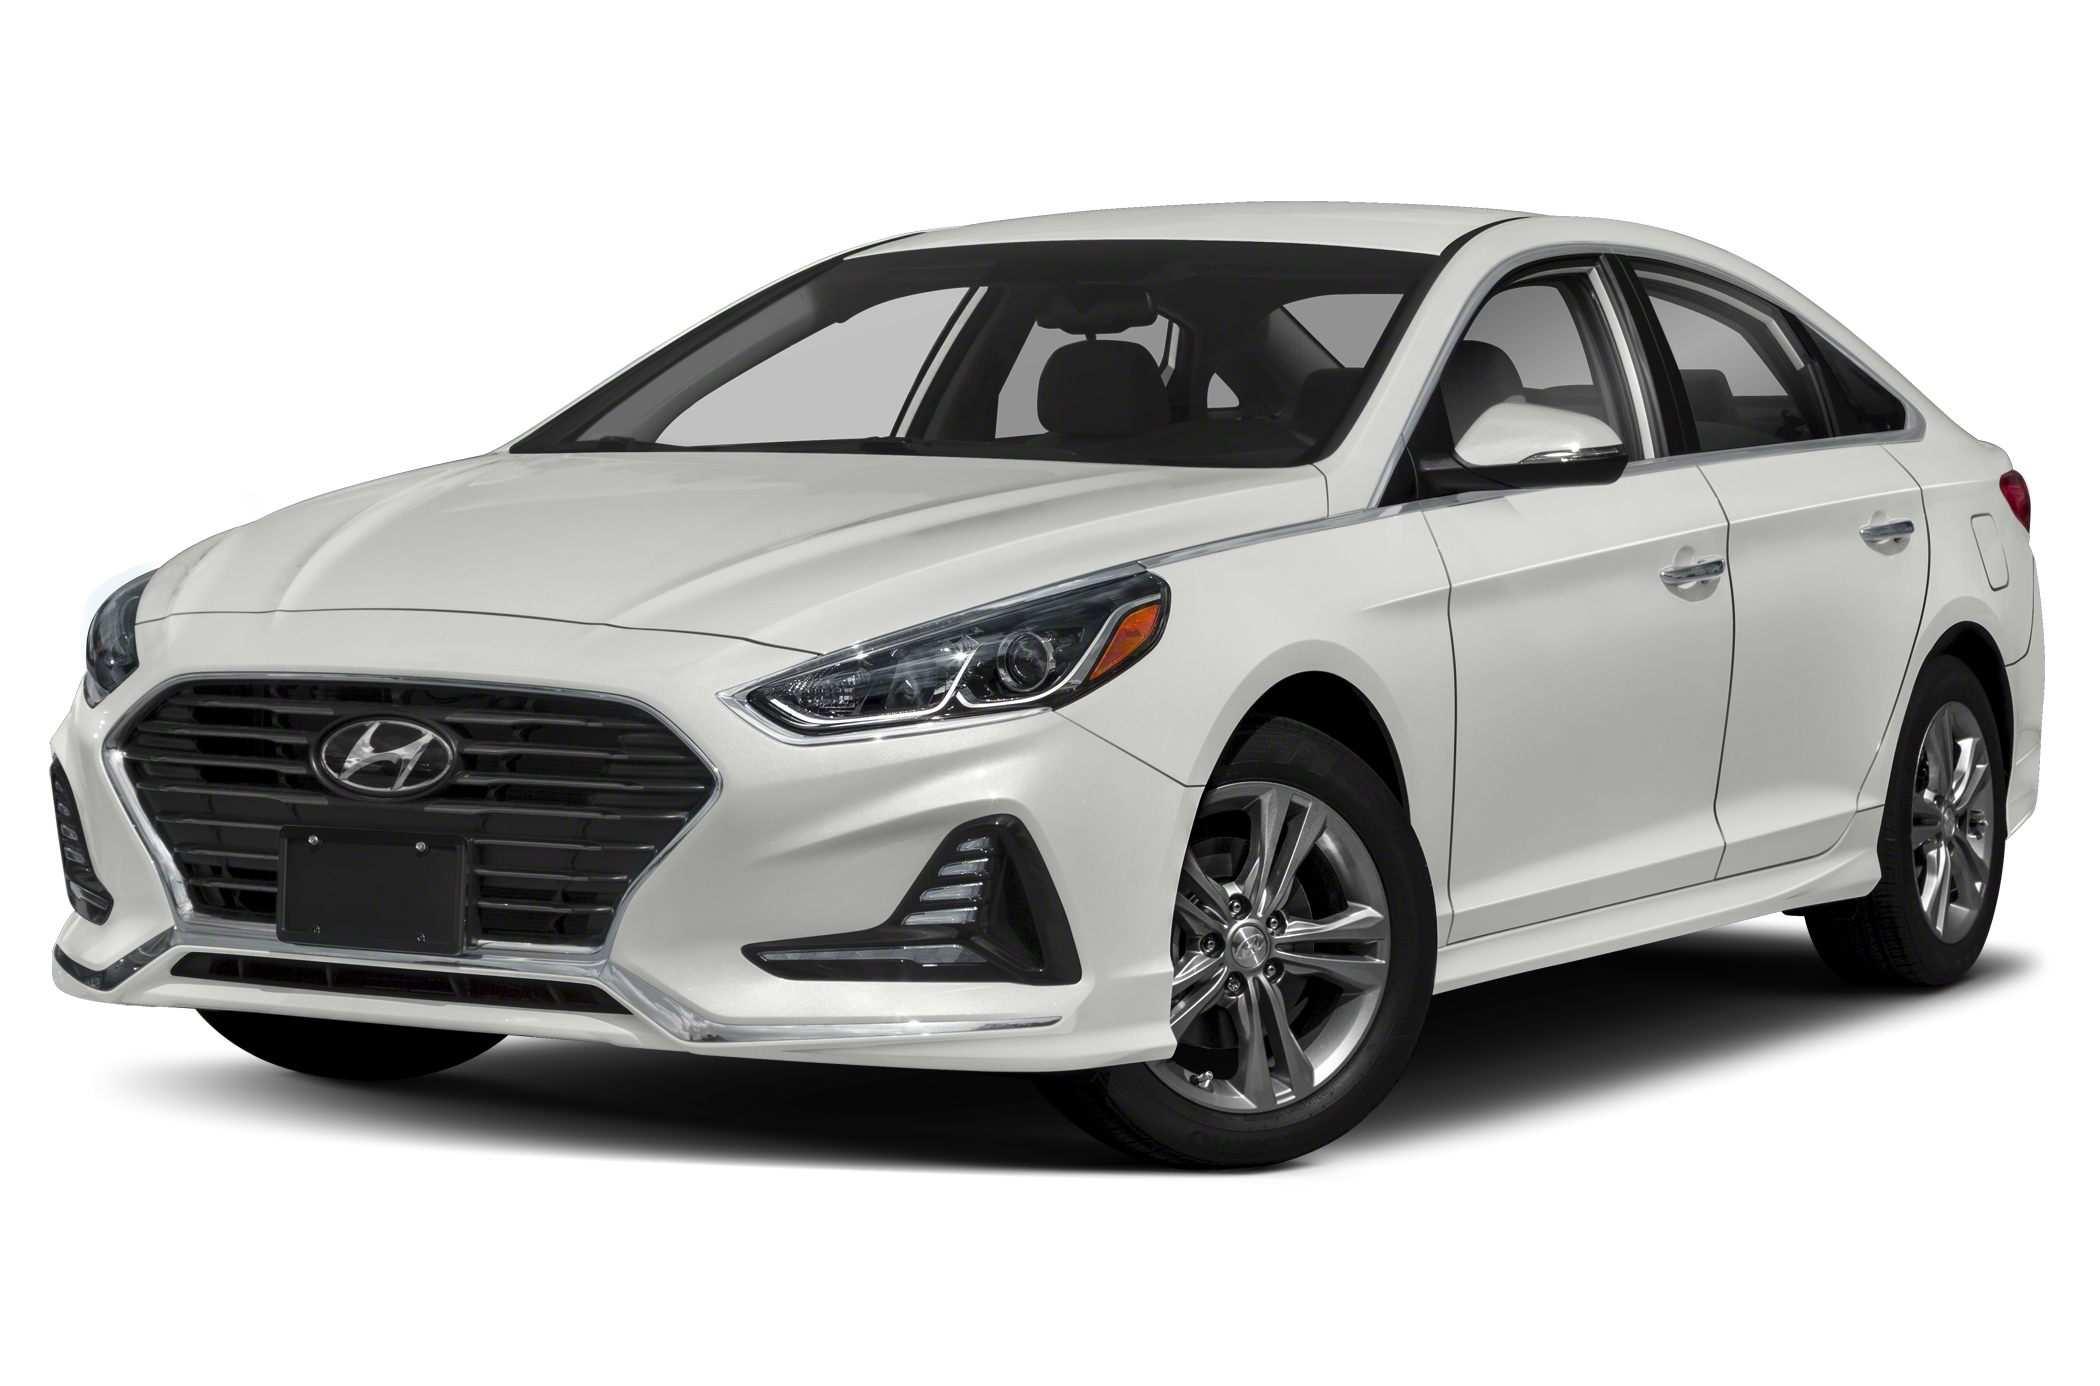 80 The 2019 Hyundai Sonata Review Reviews by 2019 Hyundai Sonata Review